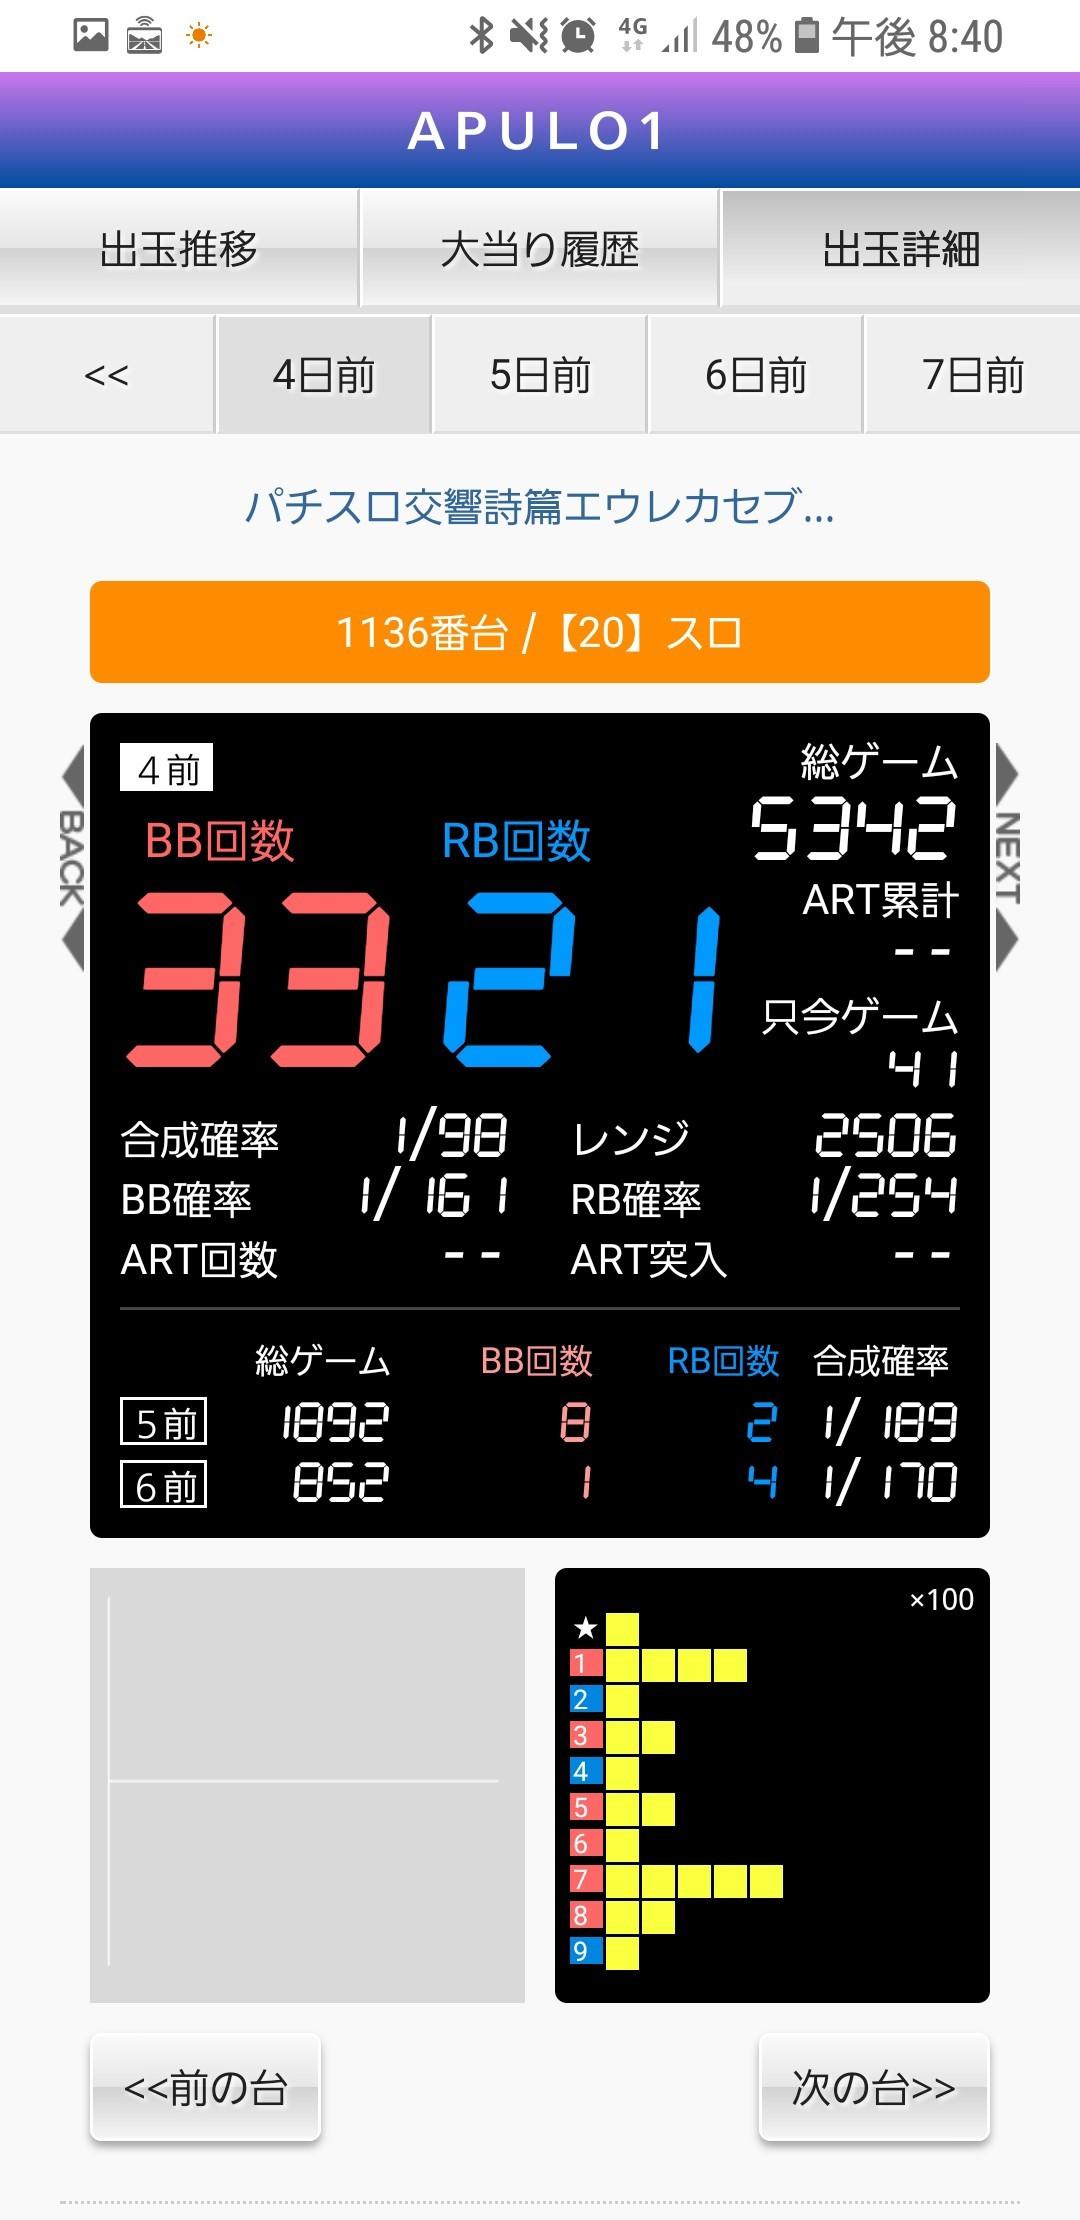 第420回ハズセレ(APULO1松本梓店)最終報告